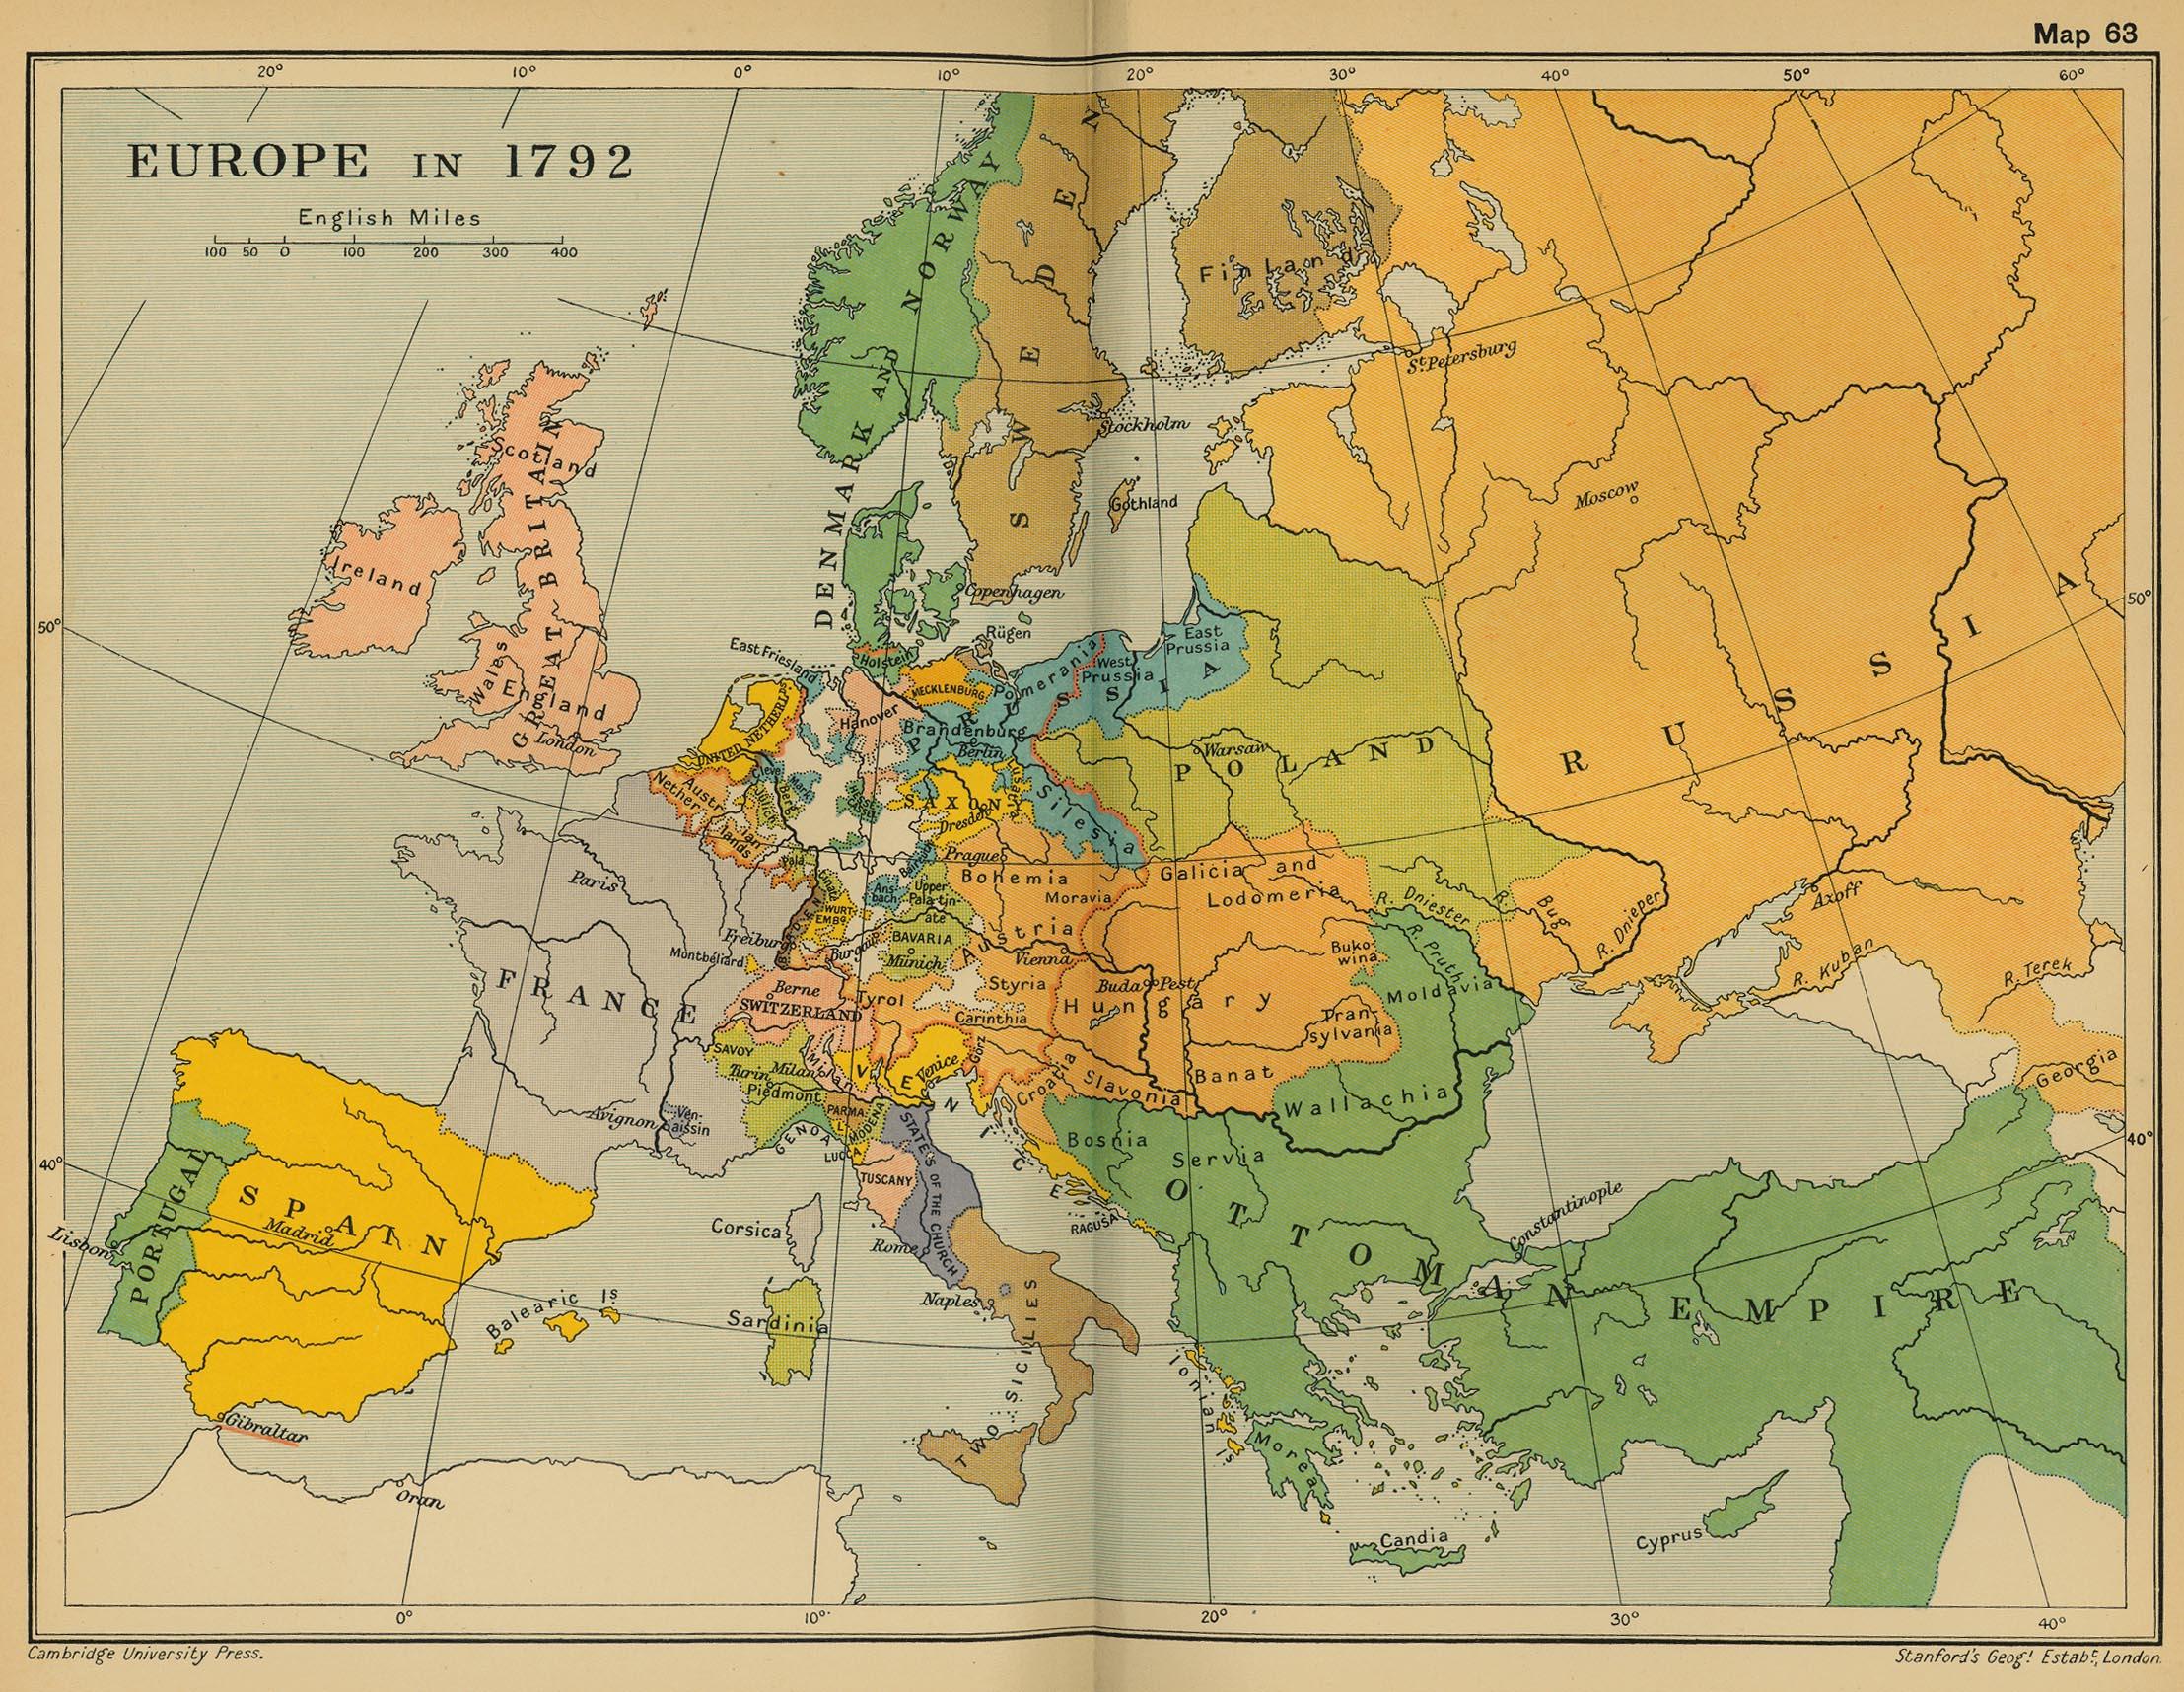 Europa en 1792